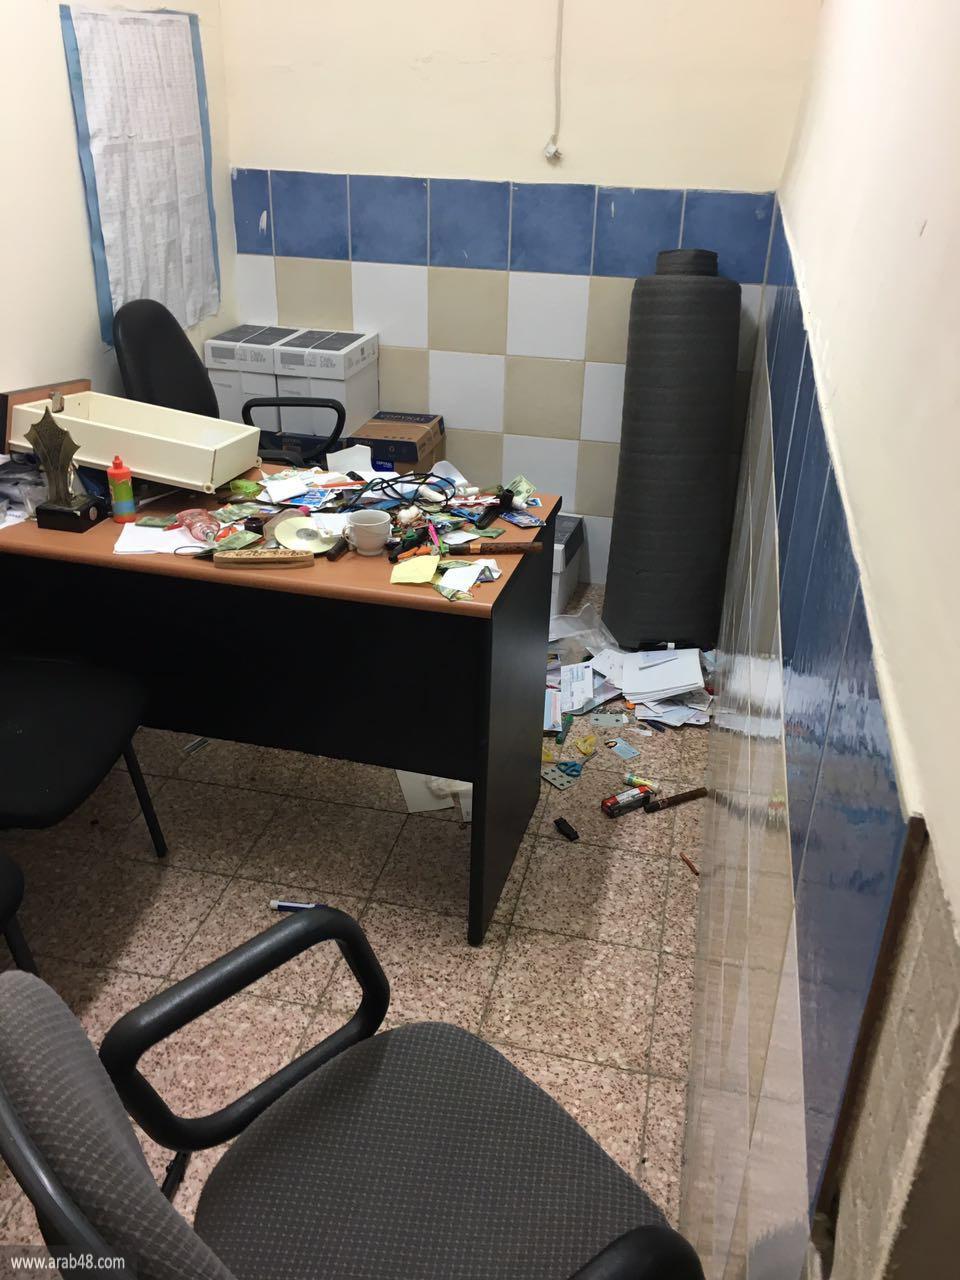 جديدة المكر: شجب واستنكار بعد اقتحام مدرستين